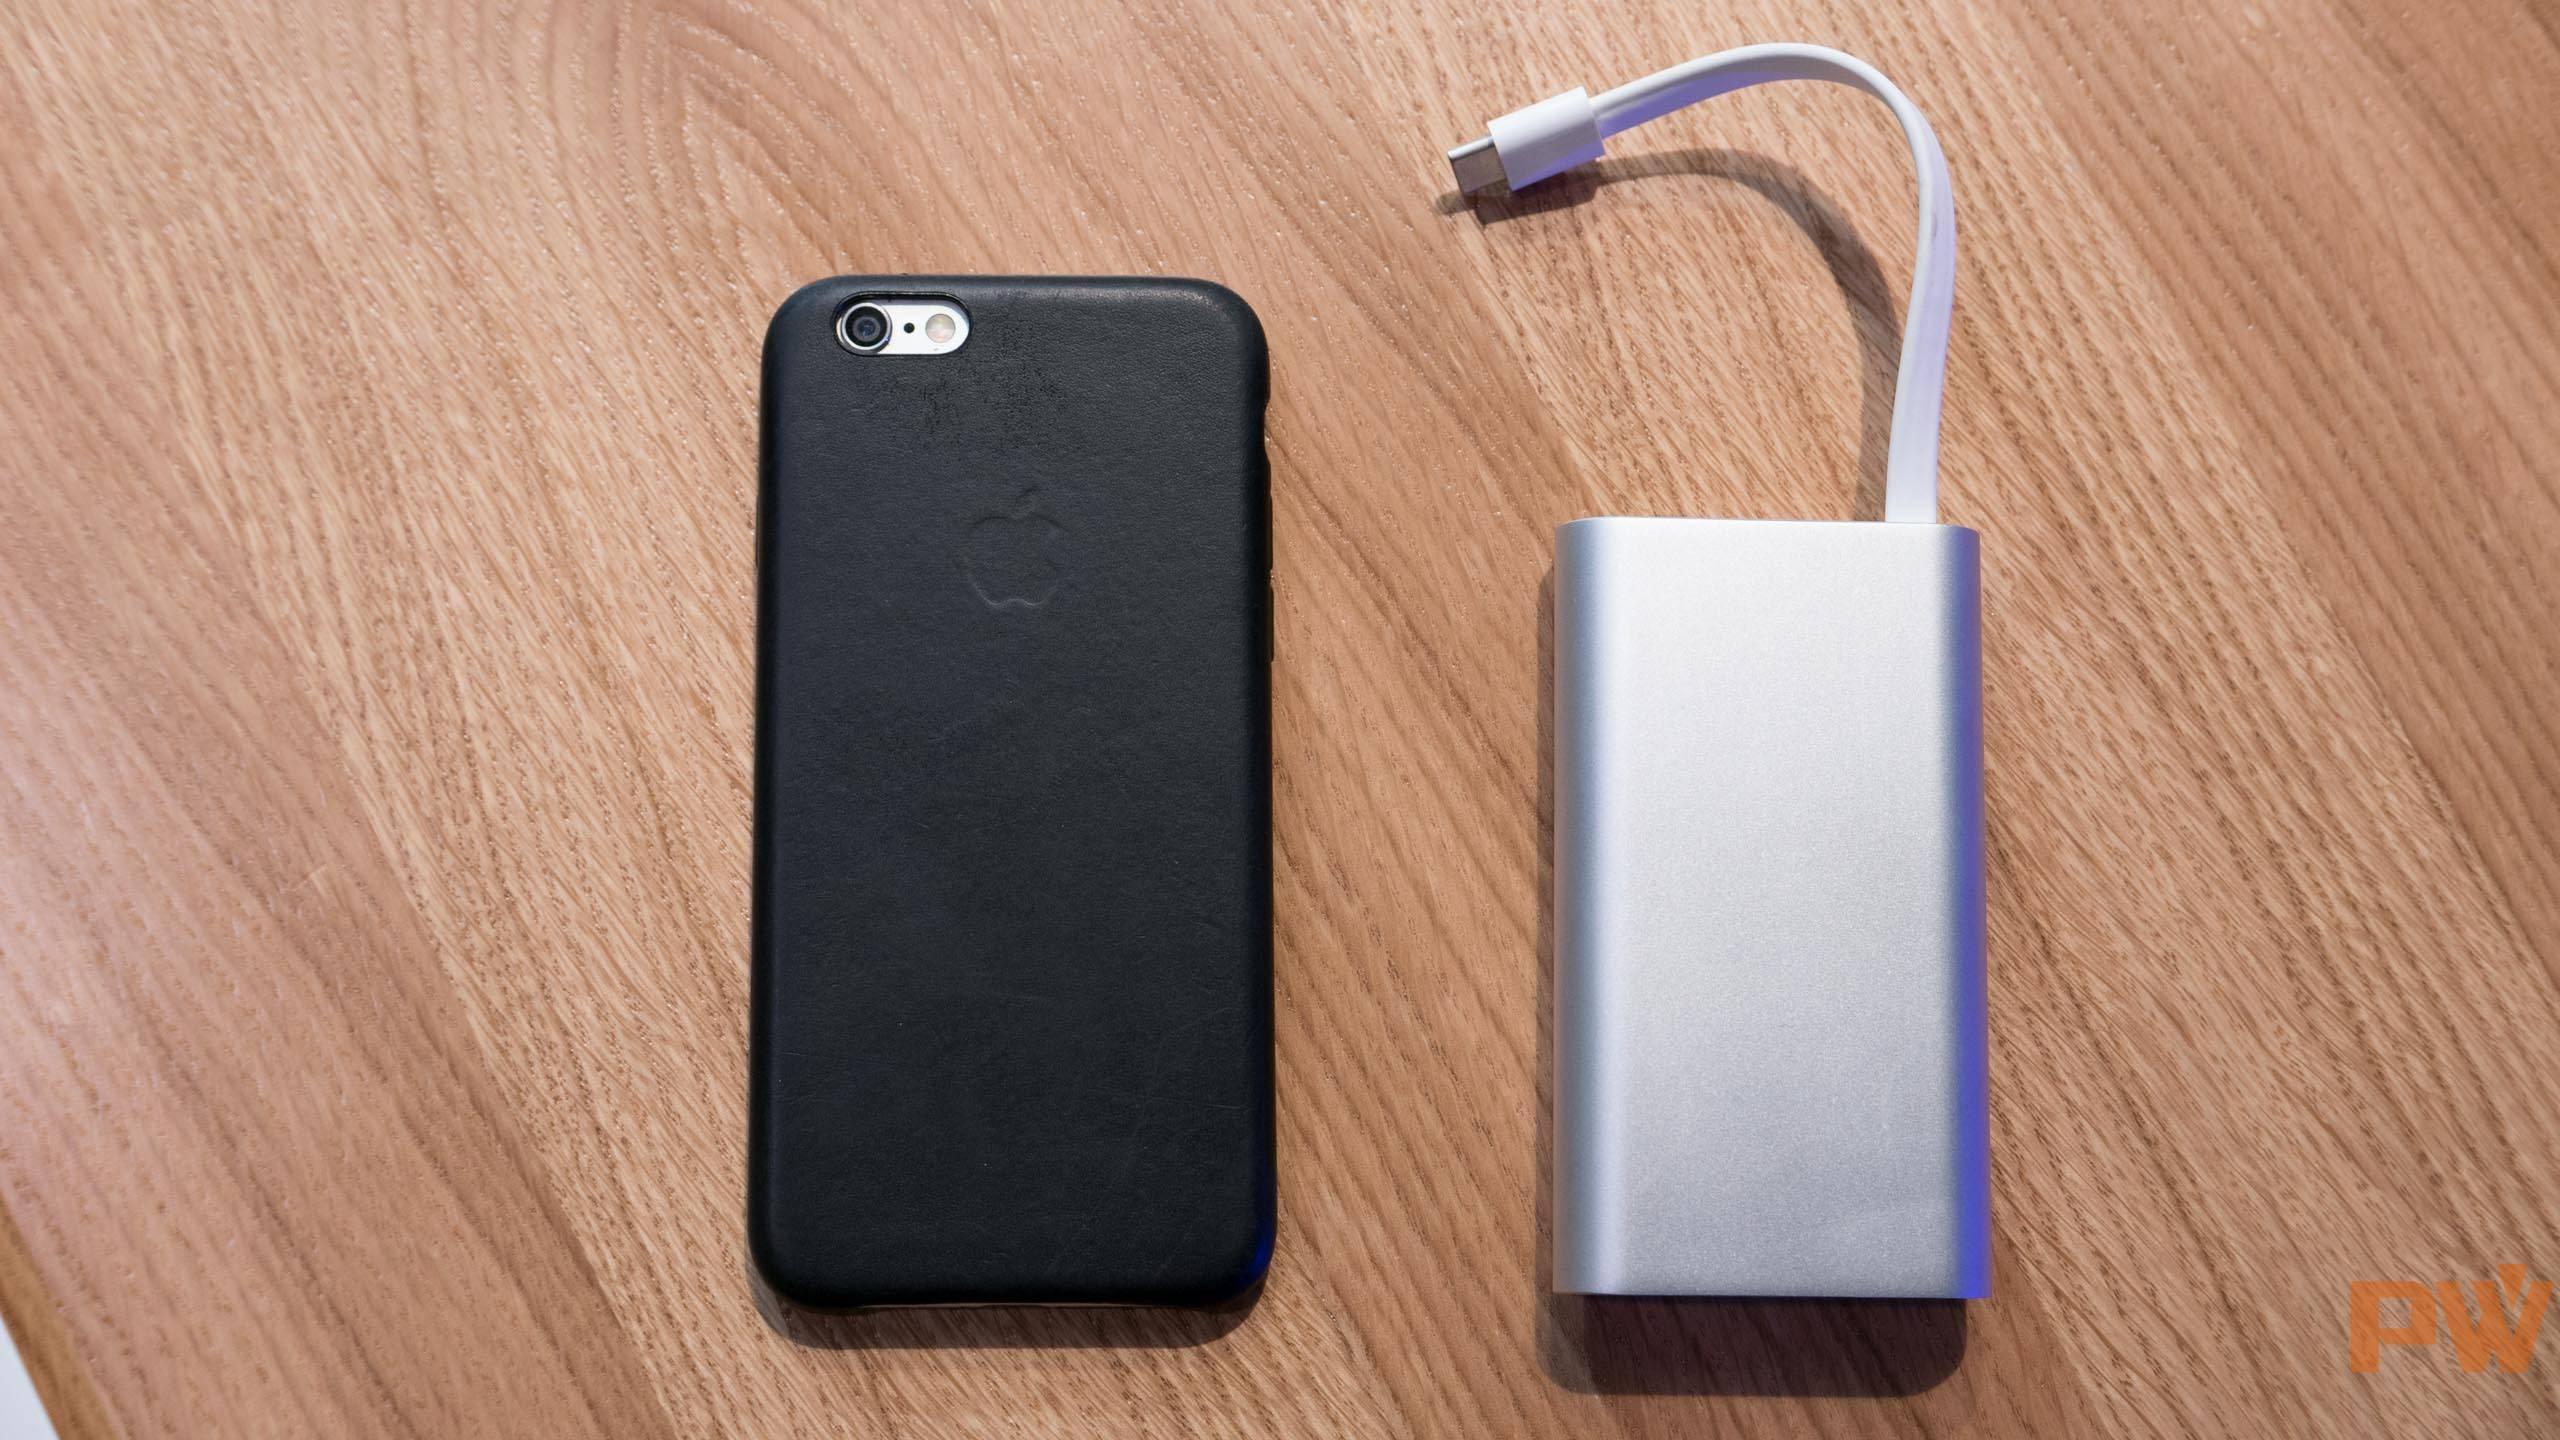 扩展坞和 iPhone 6 对比